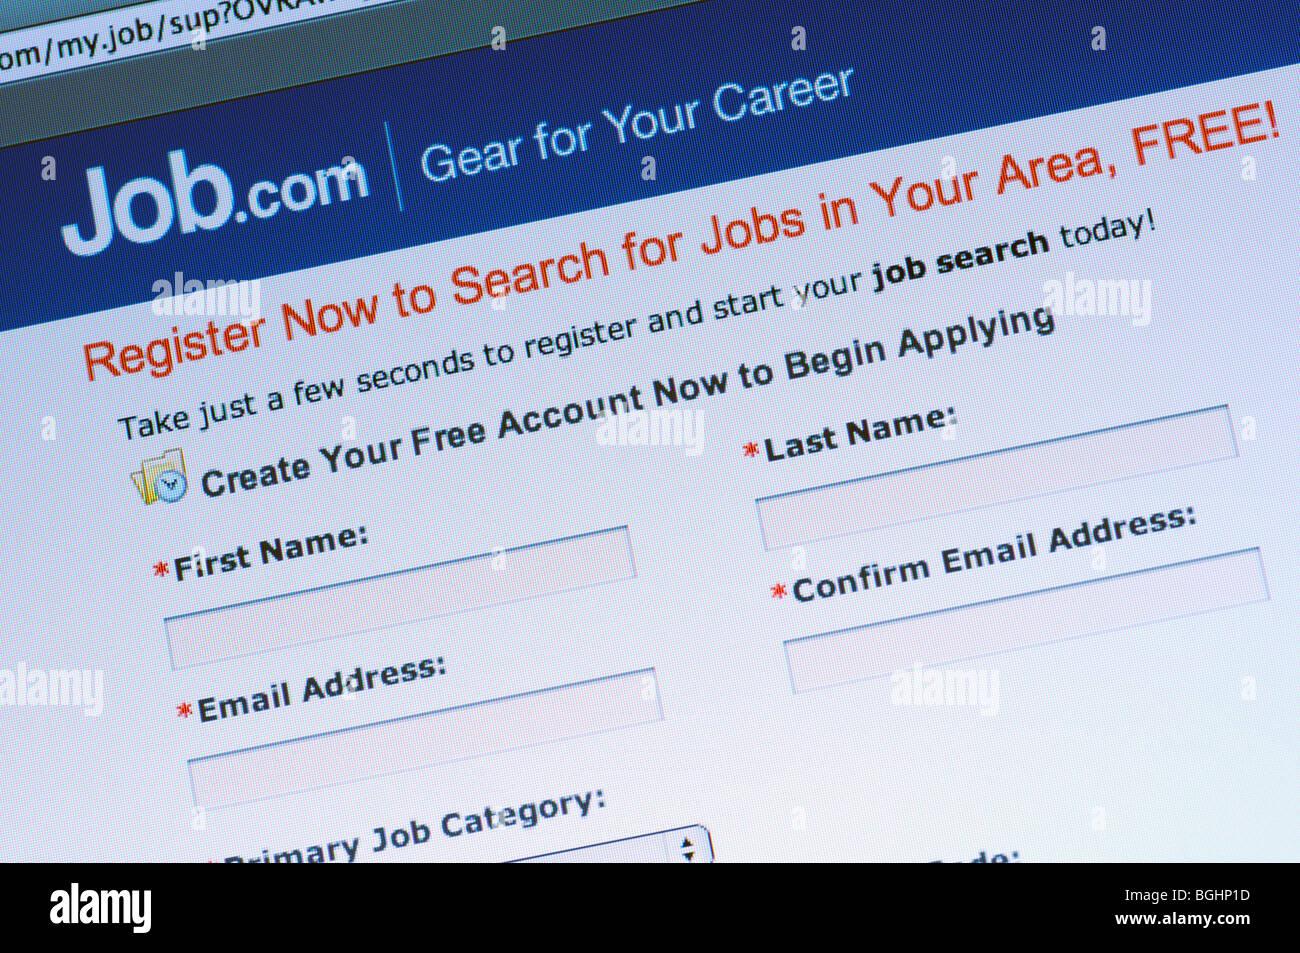 Job.com website - Stock Image